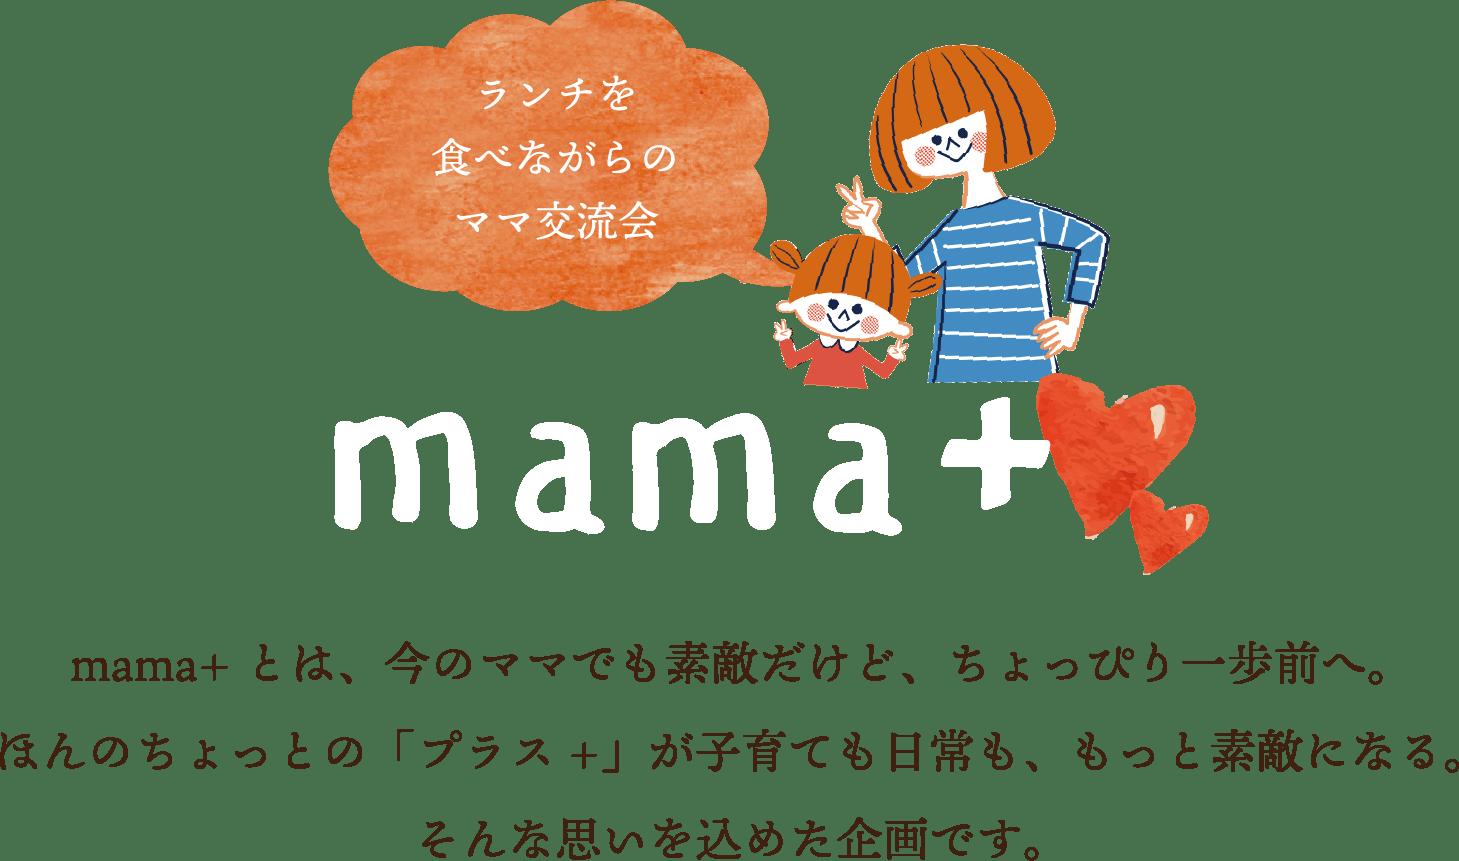 ランチを食べながらのママ交流会 mama+ mama+とは、今のママでも素敵だけど、ちょっぴり一歩前へ。ほんのちょっとの「プラス+」が子育ても日常も、もっと素敵になる。そんな思いを込めた企画です。